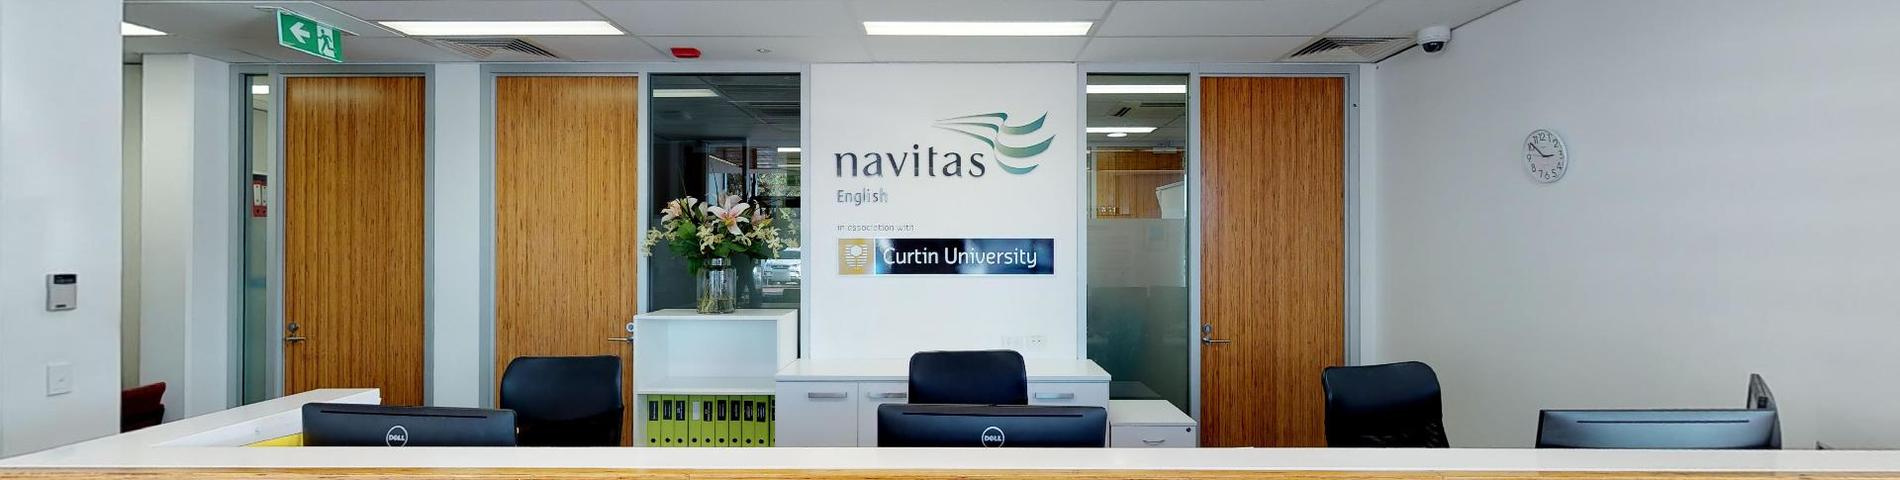 Navitas English afbeelding 1